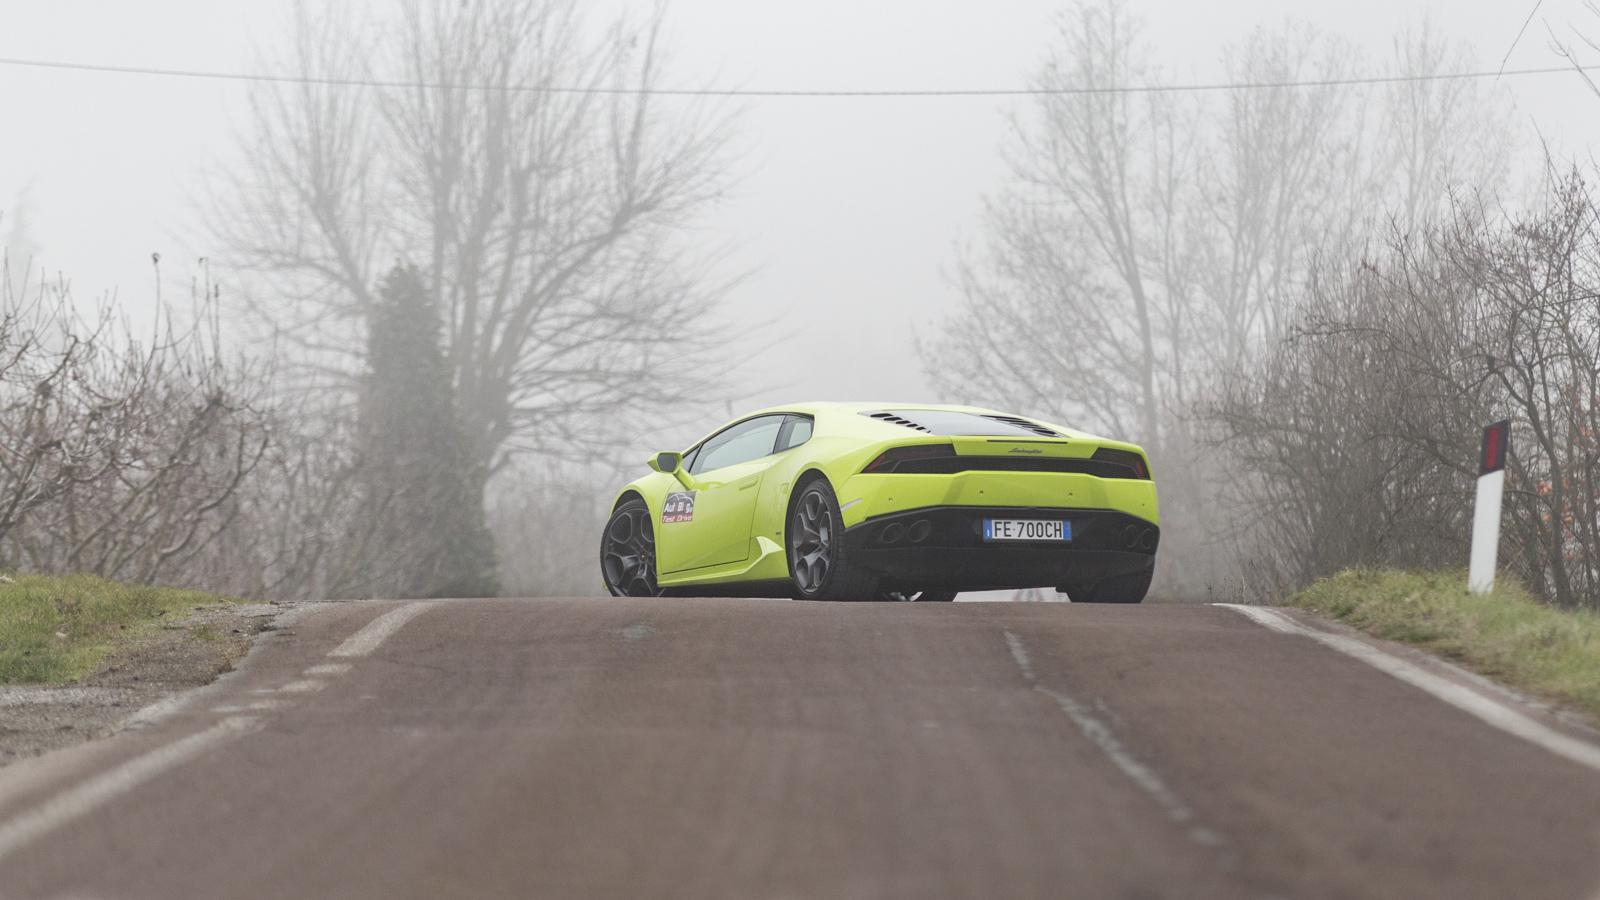 Test_Drive_Lamborghini_Huracan_LP610-4_12